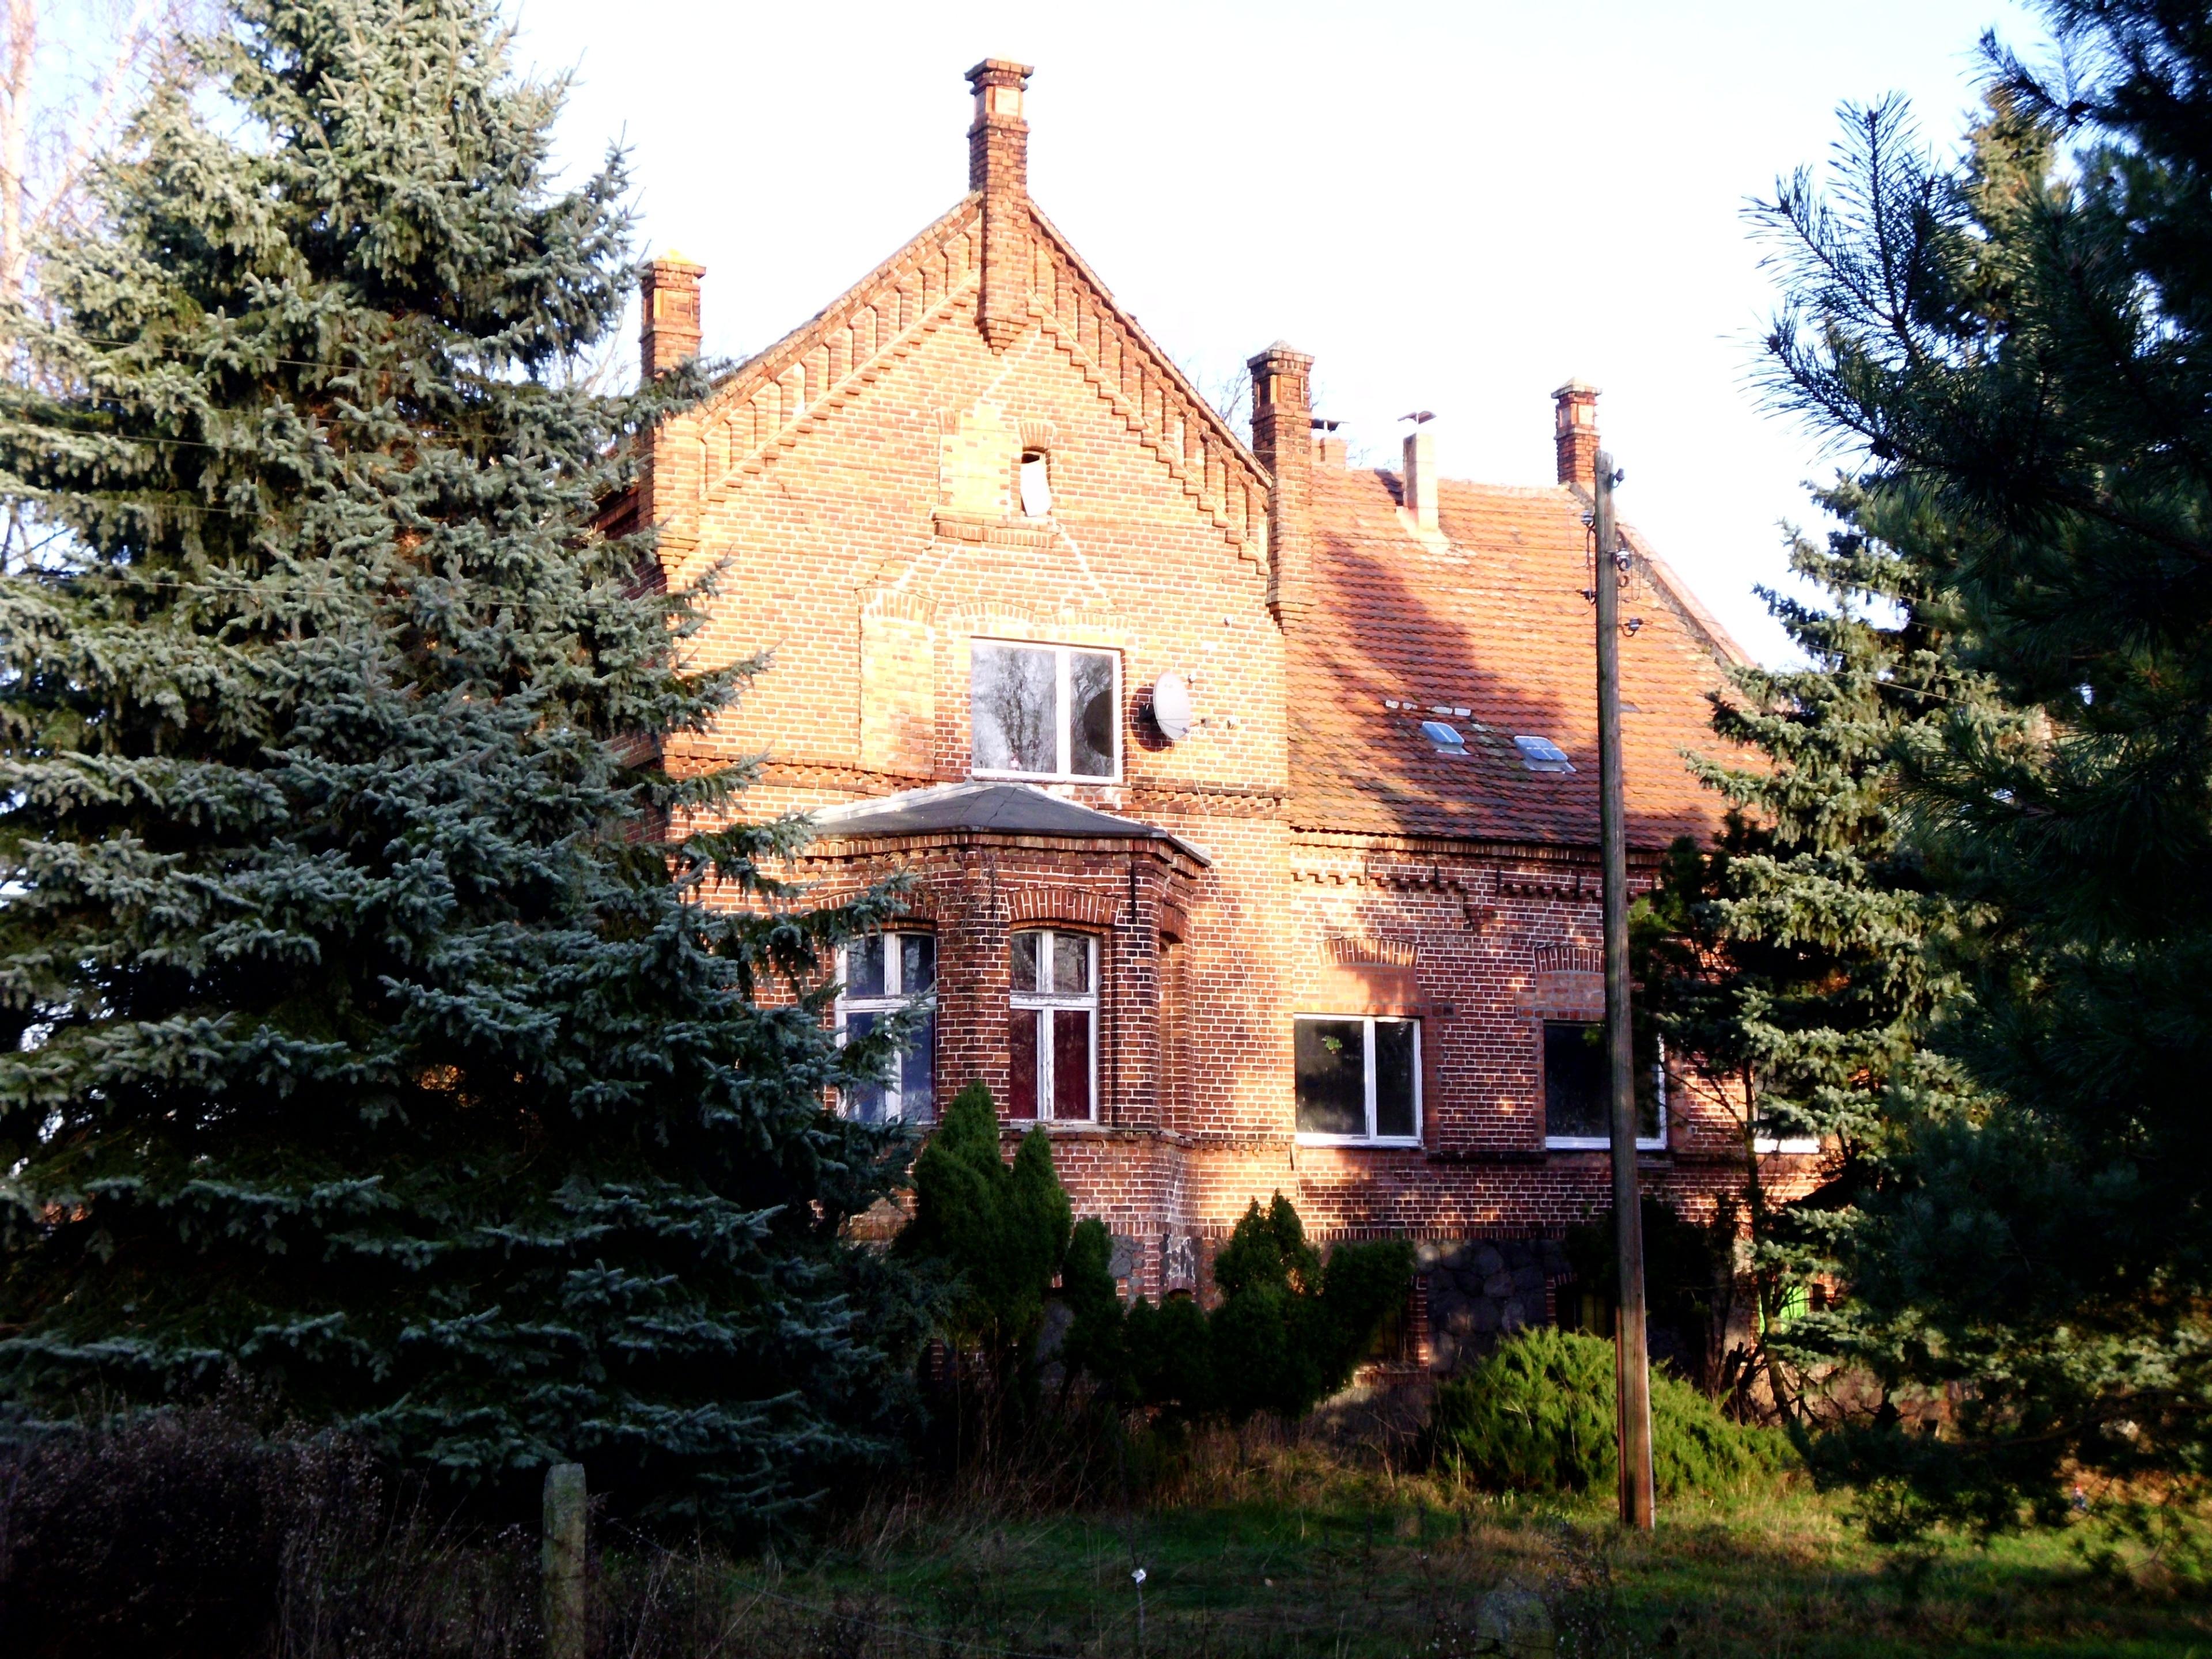 Groß Pankow (Prignitz), Brandenburg Region, Germany